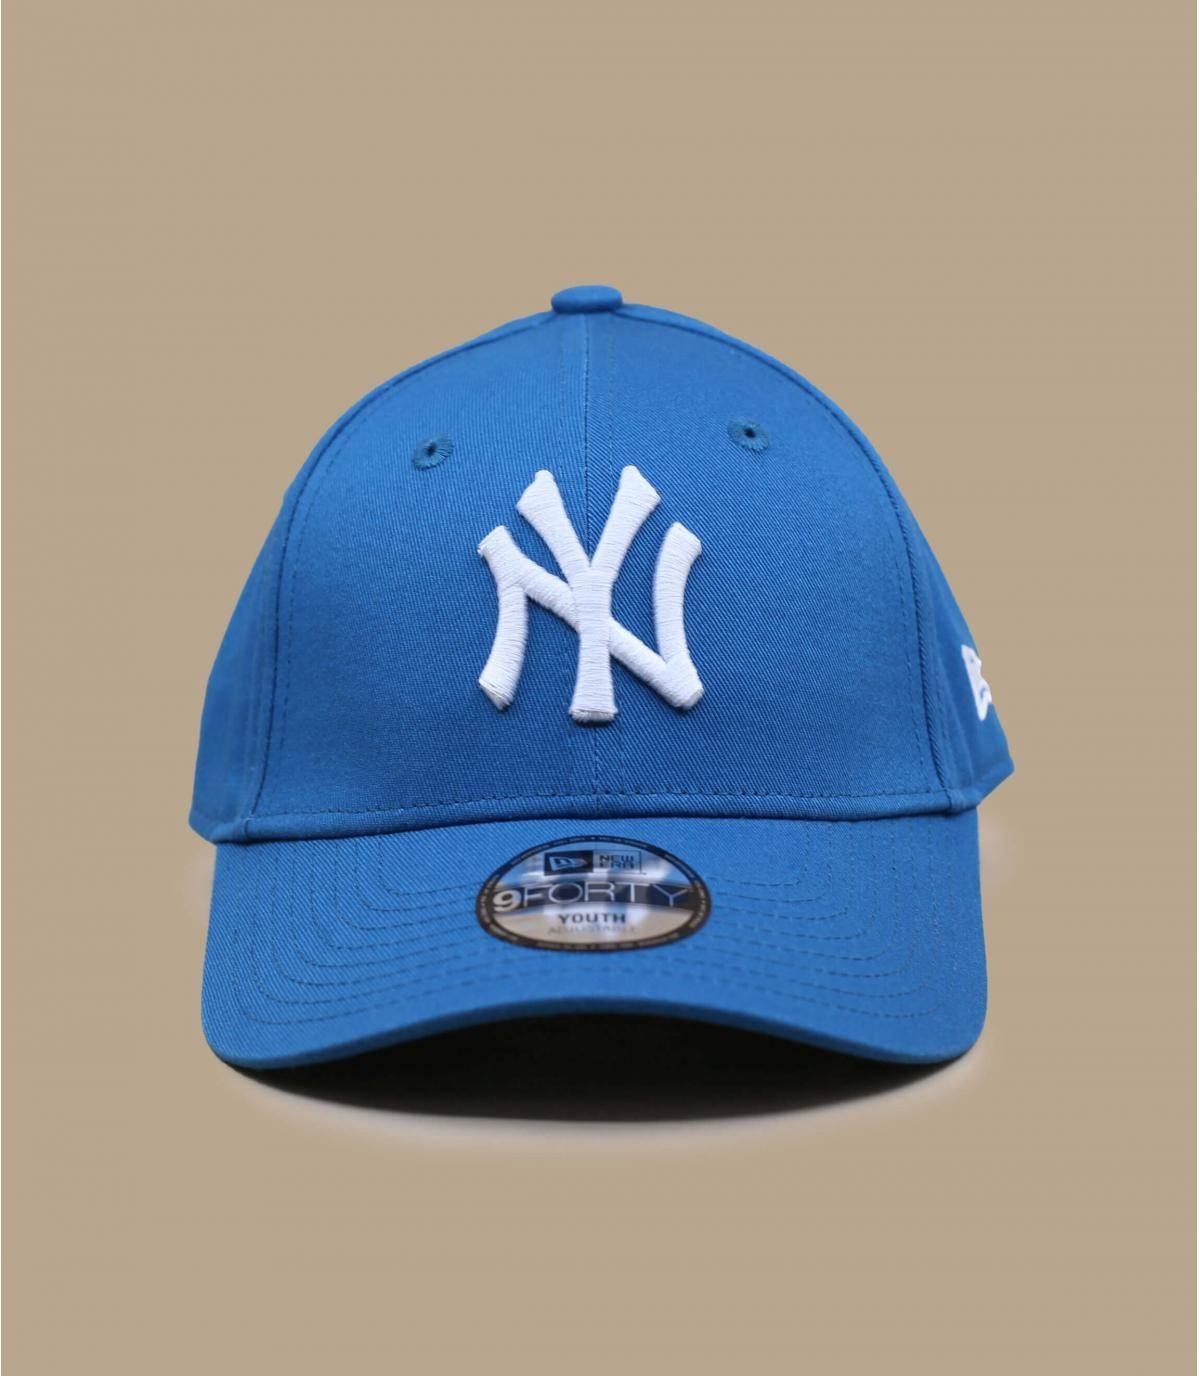 NY blauwe kinderpet